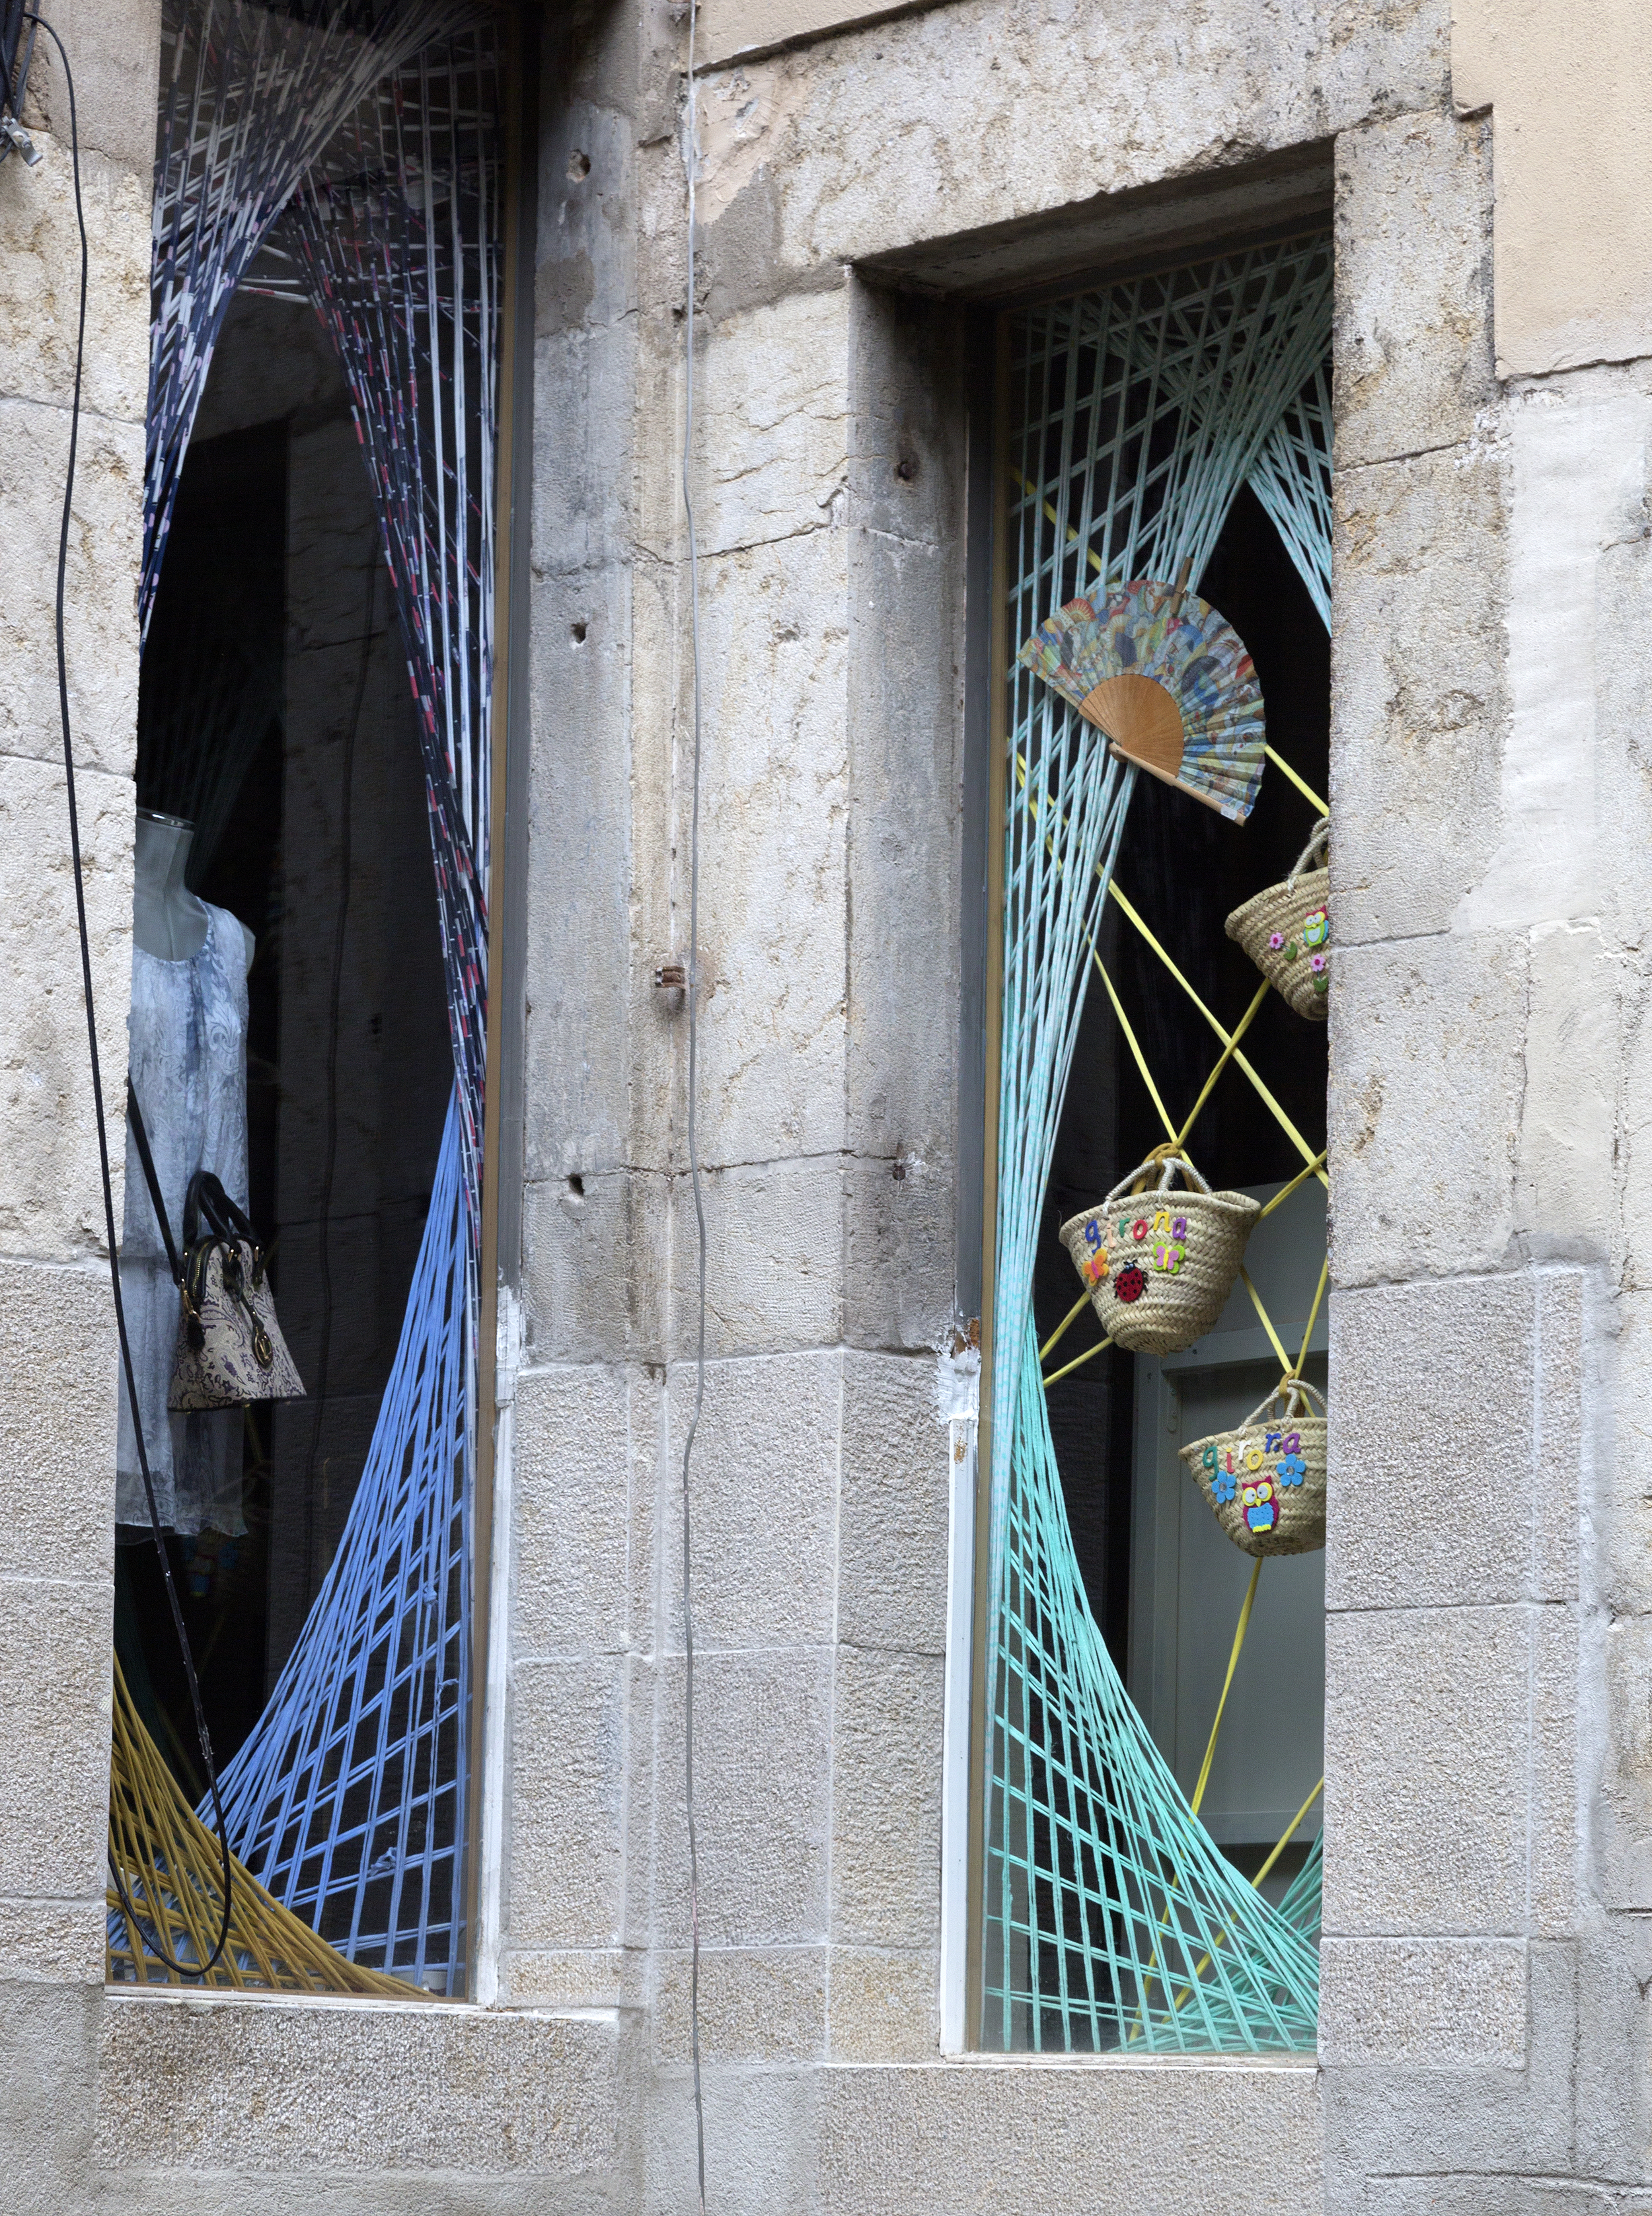 A Gérone, boutique branchée dans le quartier juif